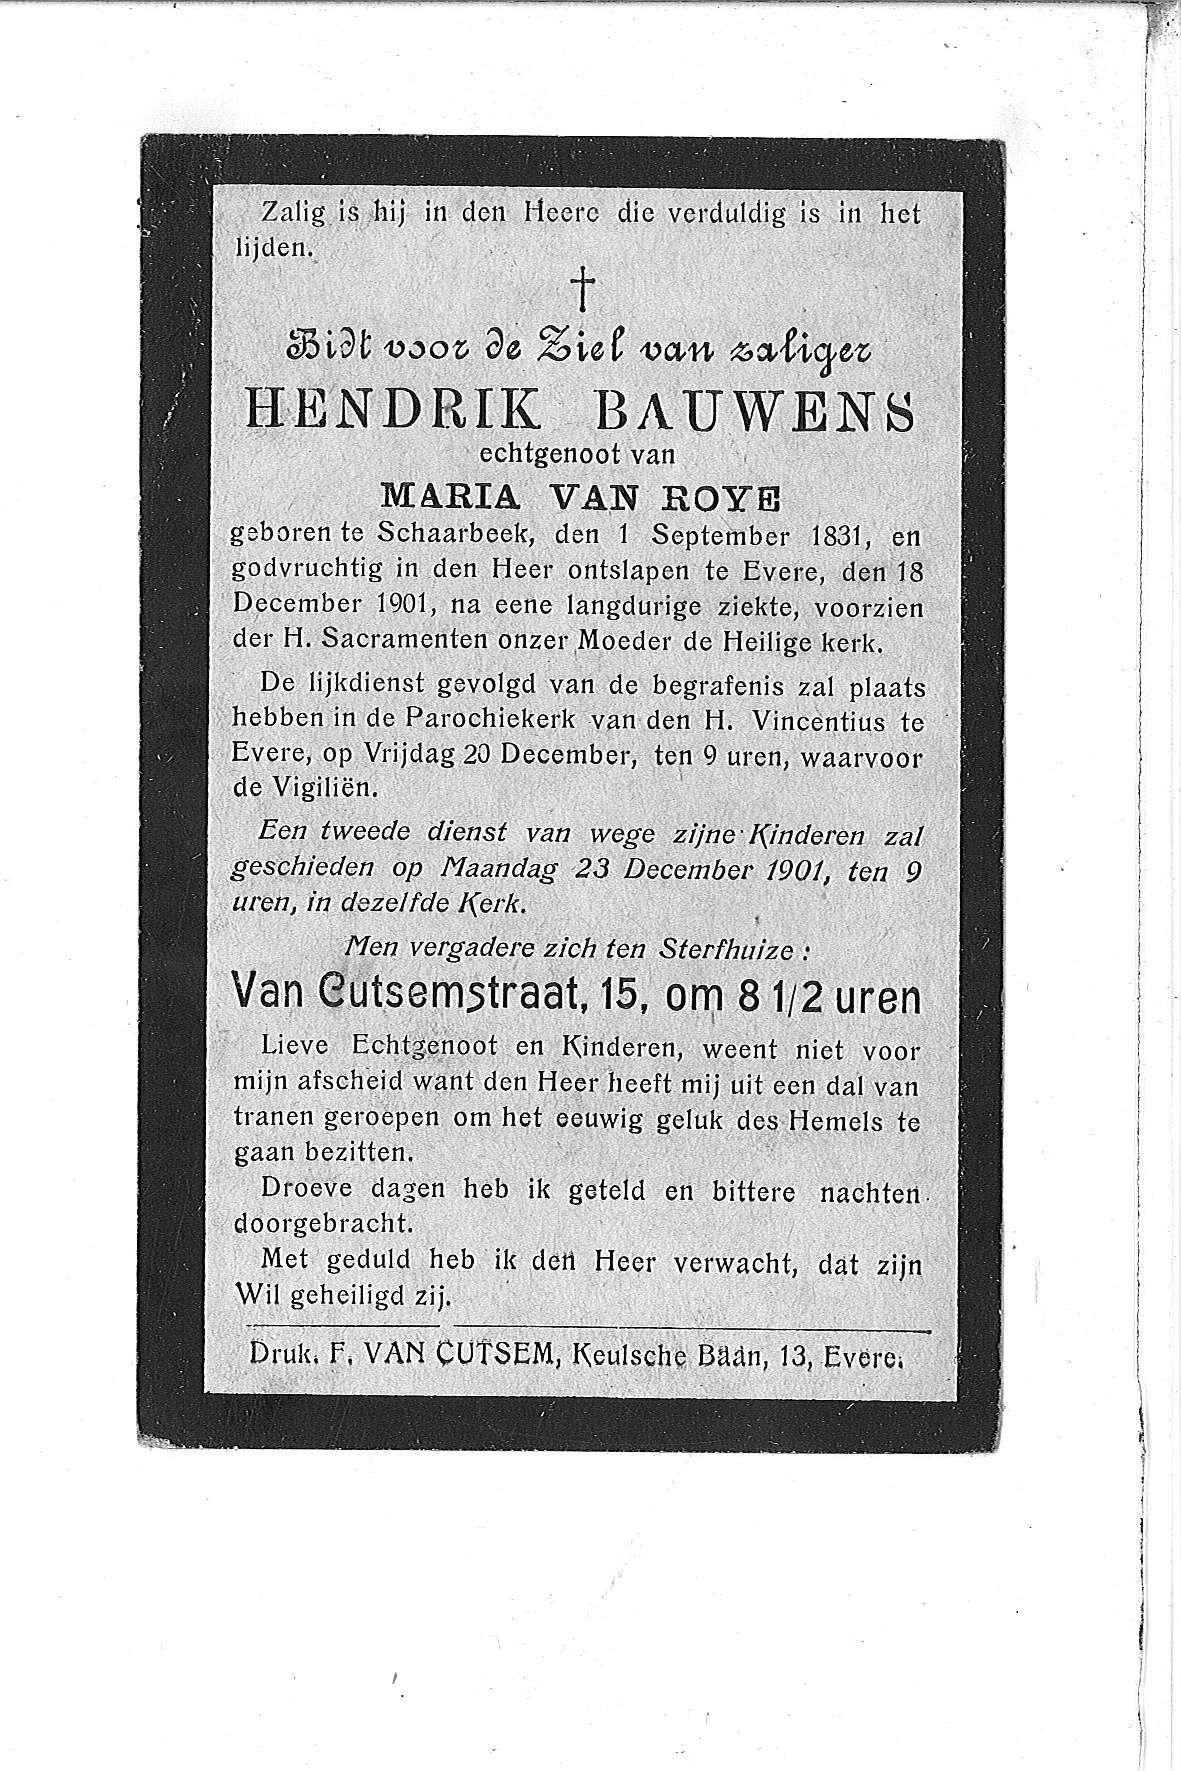 Hendriik(1901)20101026144912_00004.jpg